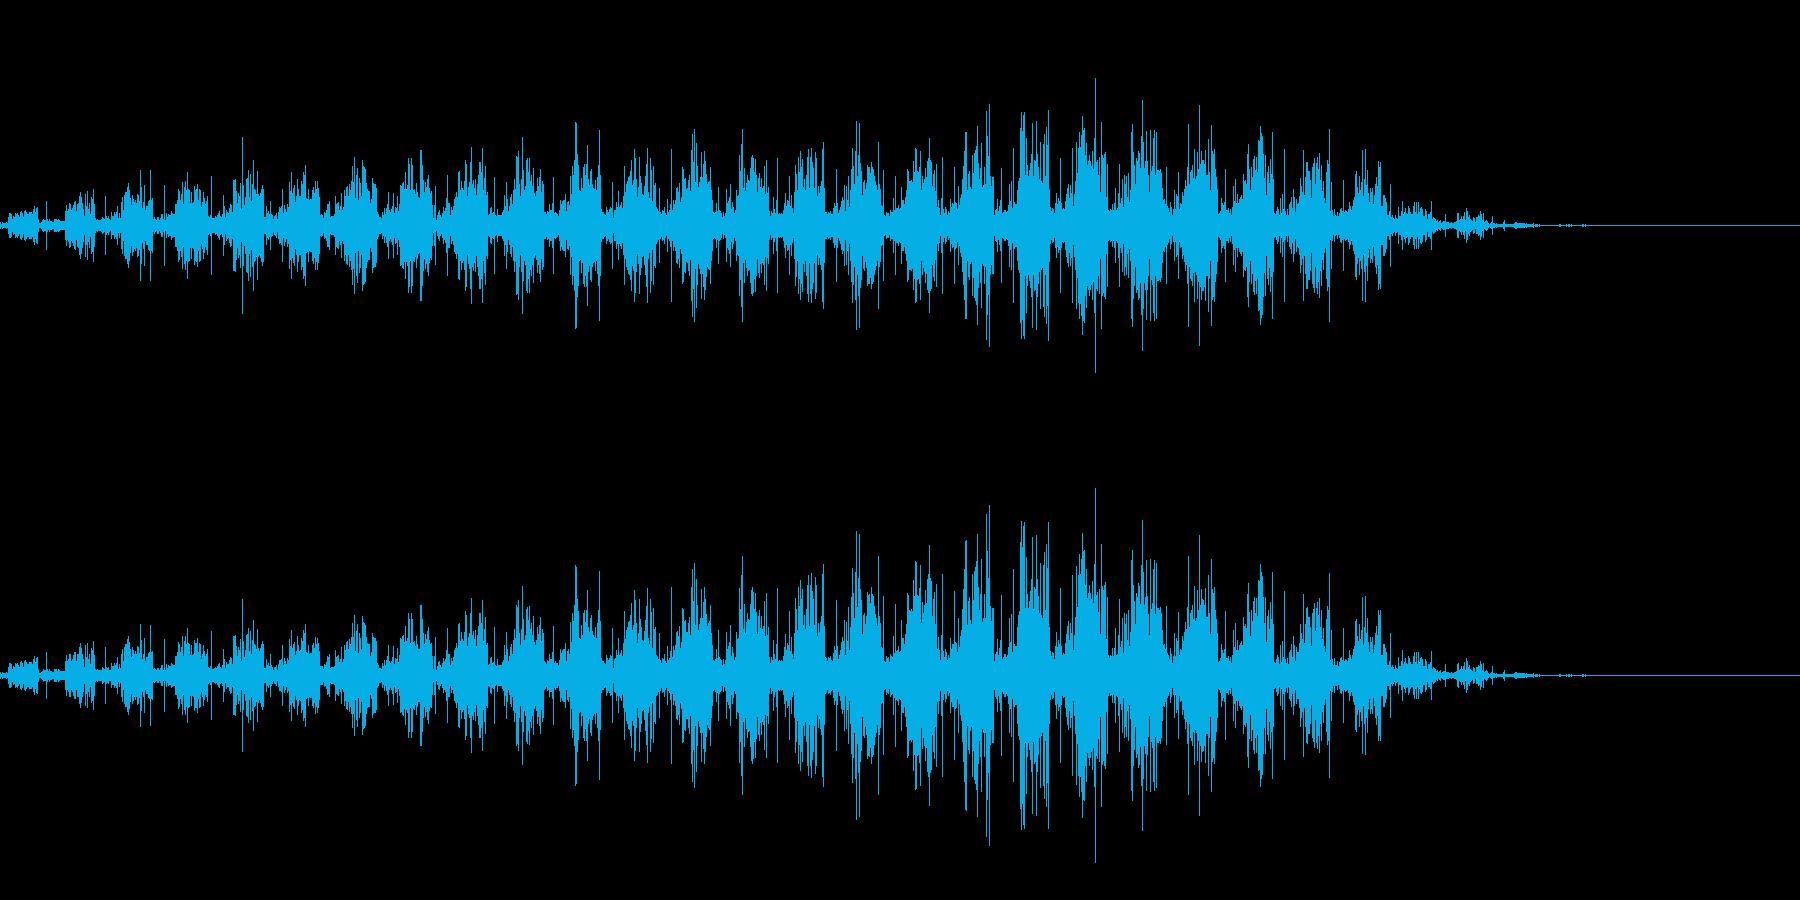 虫の羽音(ブーン/モンスター/飛ぶ)_3の再生済みの波形